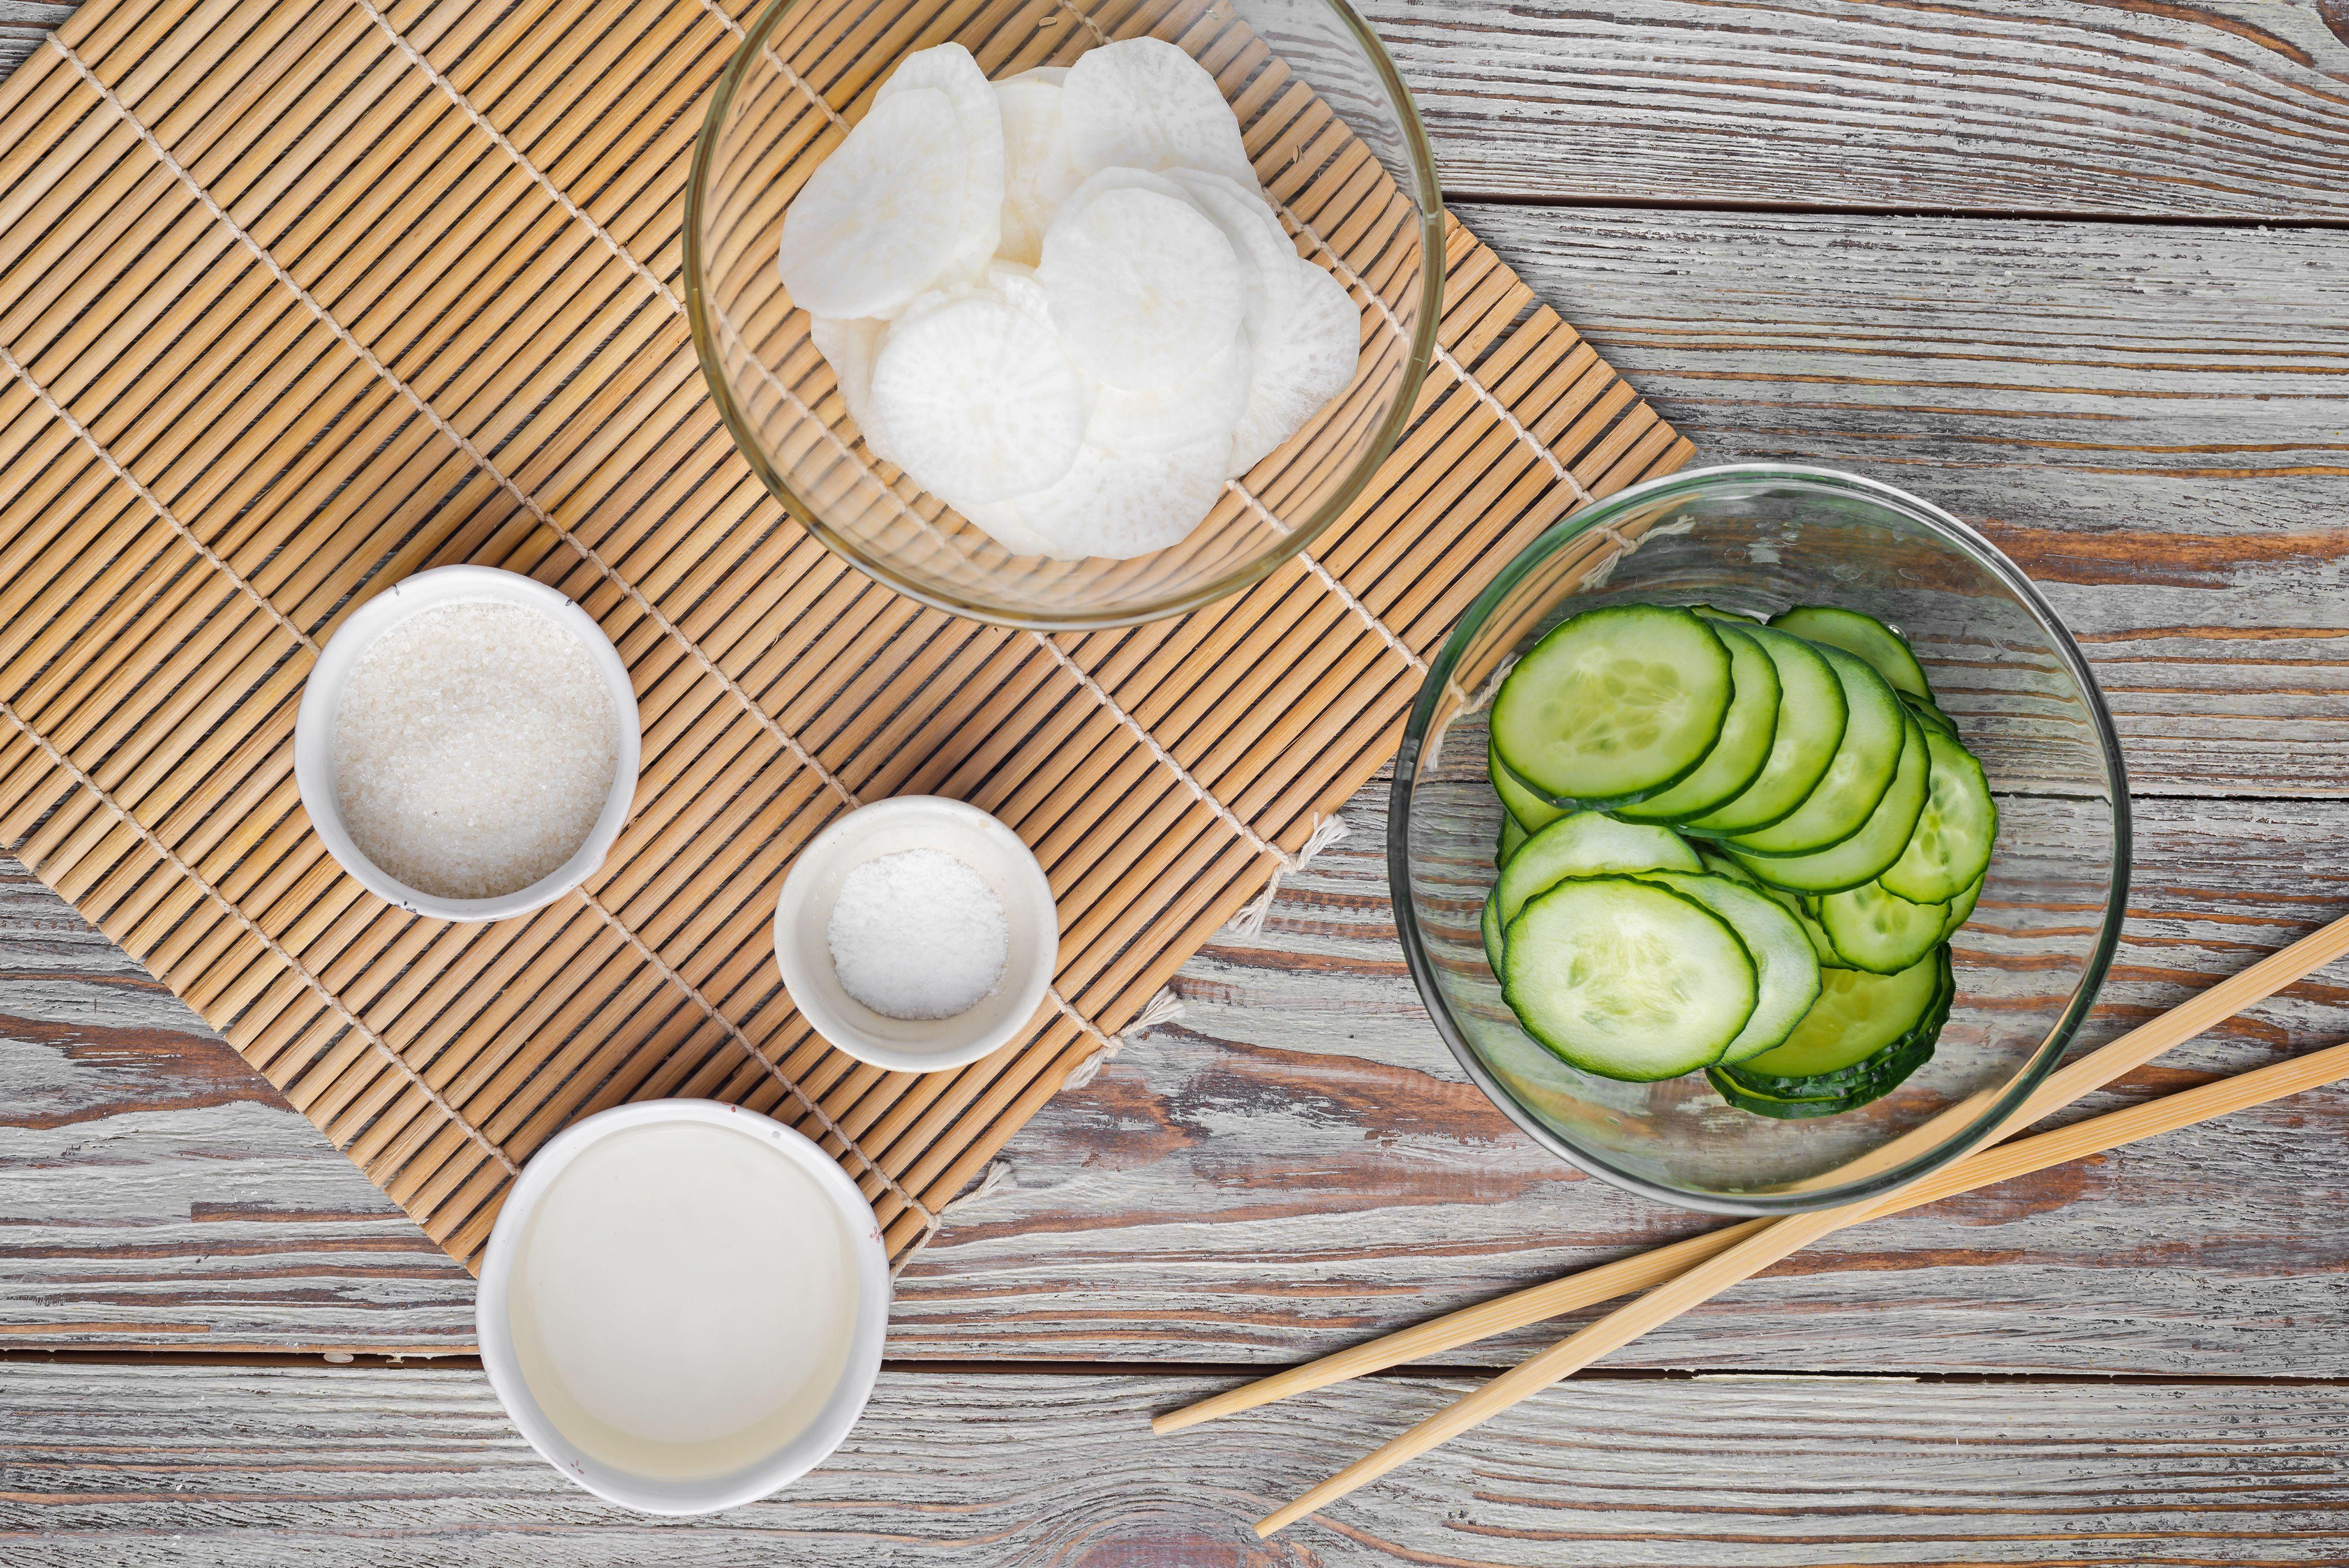 Daikon and Cucumber Sunomono (Japanese Vinegar Salad) Ingredients